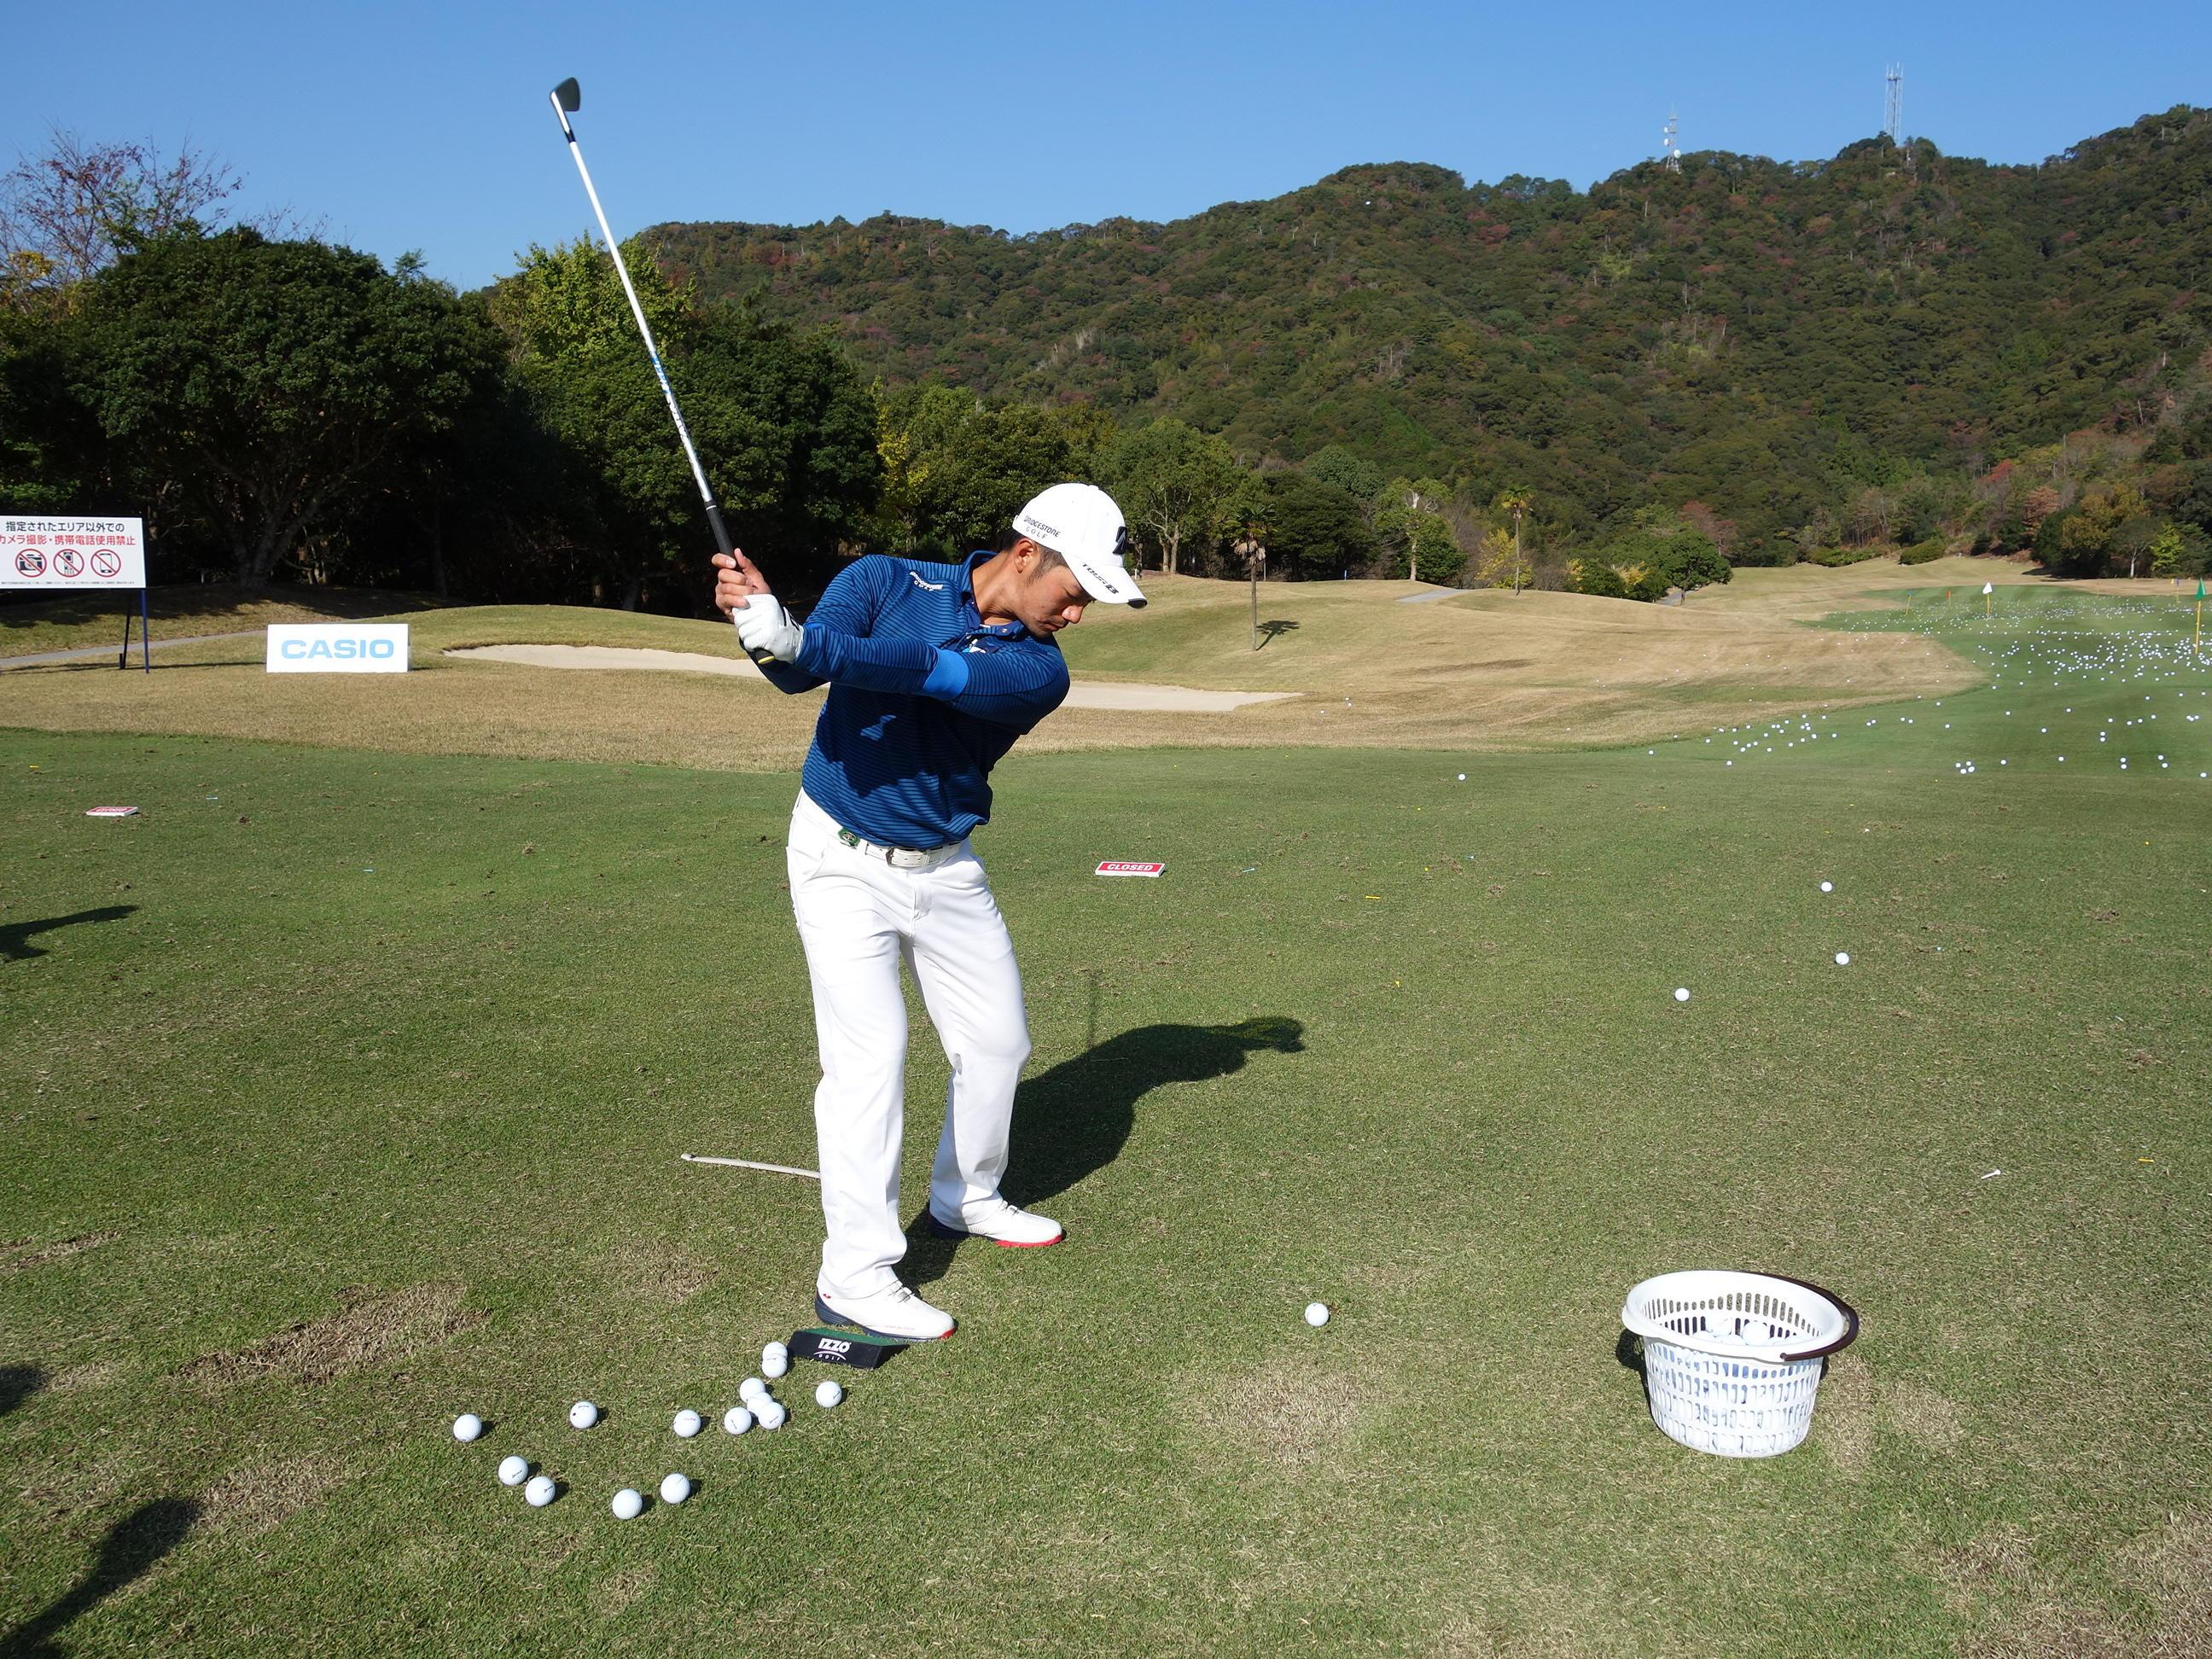 http://www.bs-golf.com/pro/225bffd25b5c06f685509e1d7ca0fa23463503b6.JPG